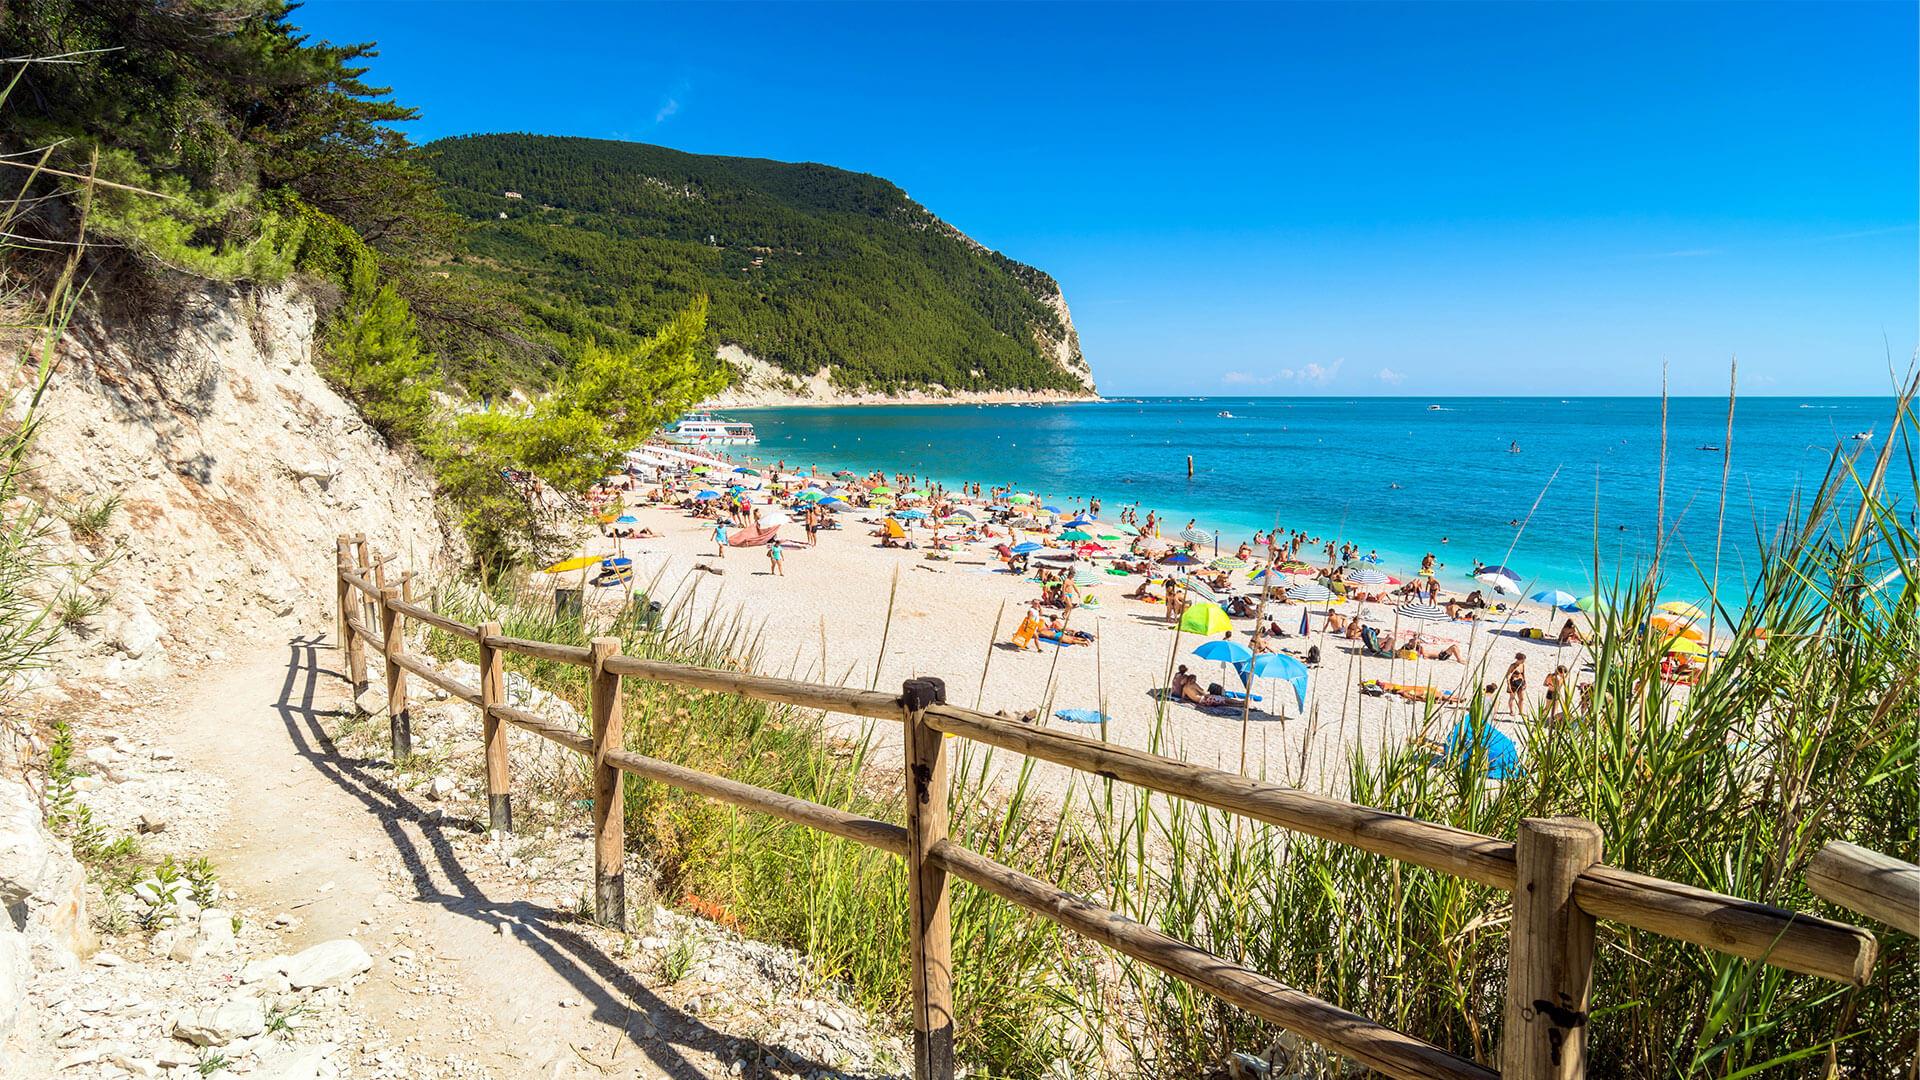 Vacanze Famiglia Estate Lidi Ravennati, Riviera Adriatica, Riviera Romagnola